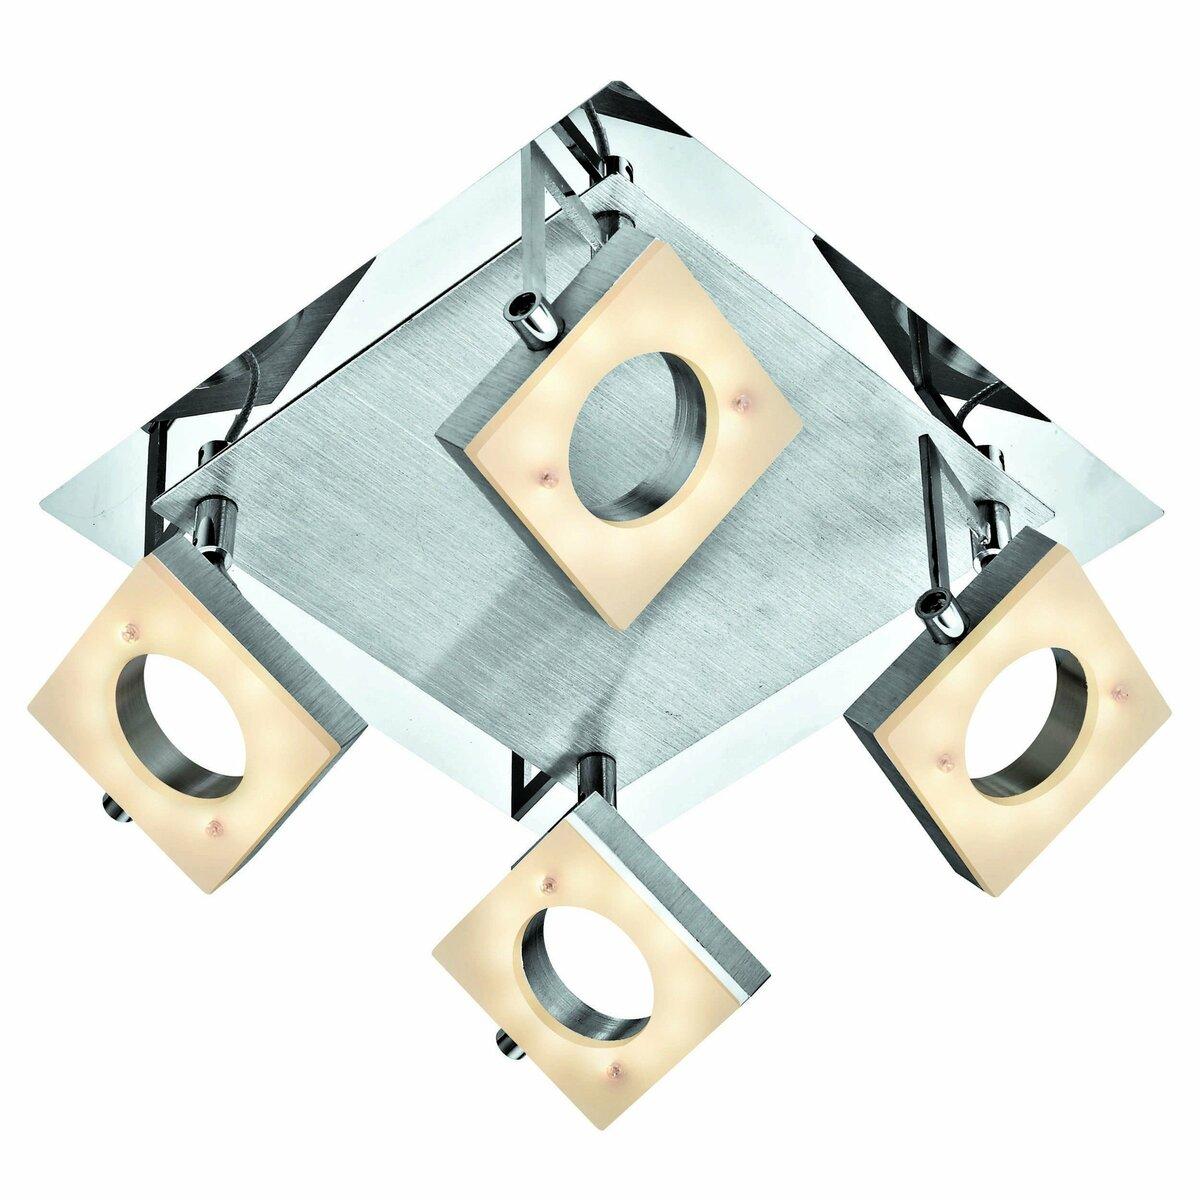 Bild 1 von DesignLive LED-Strahler   Agger